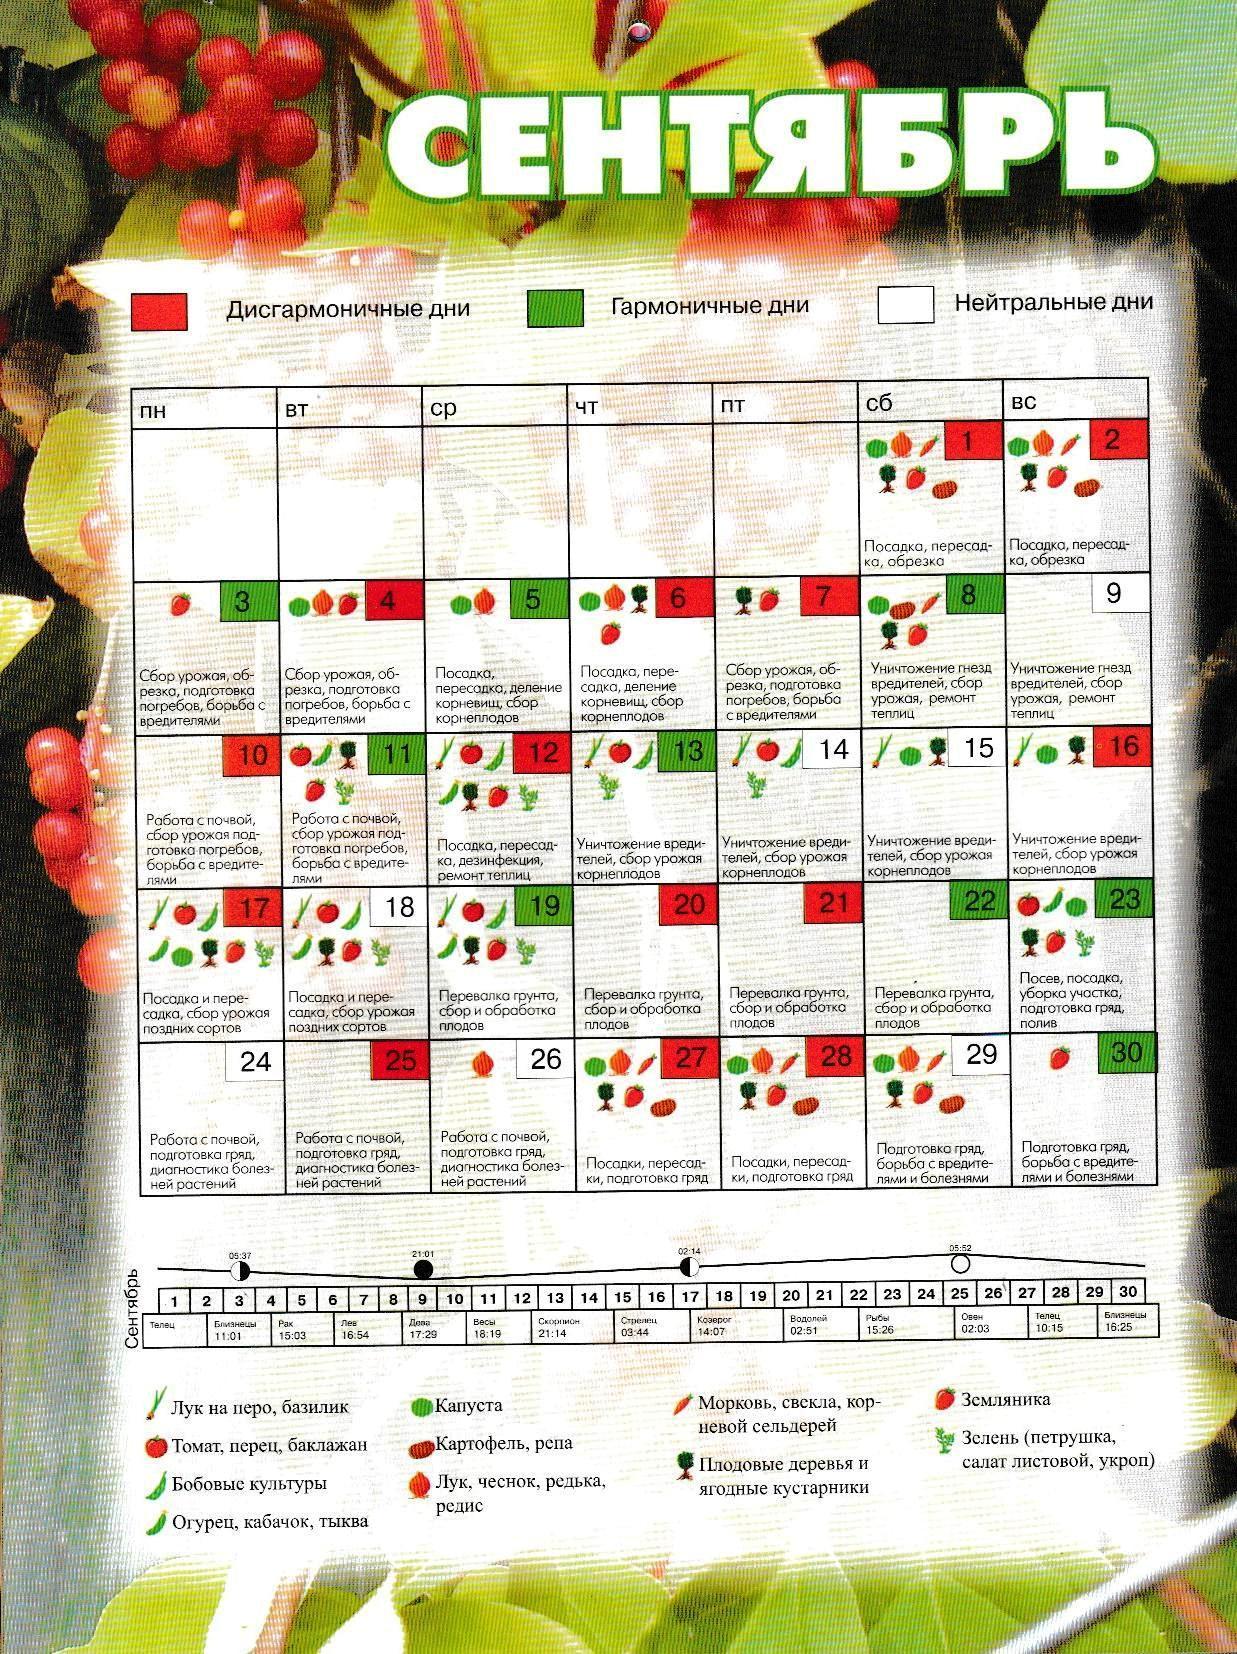 Диета По Лунному Календарю На Октябрь. Лунный календарь для похудения и начала диеты в 2020 году: благоприятные и неблагоприятные дни по месяцам